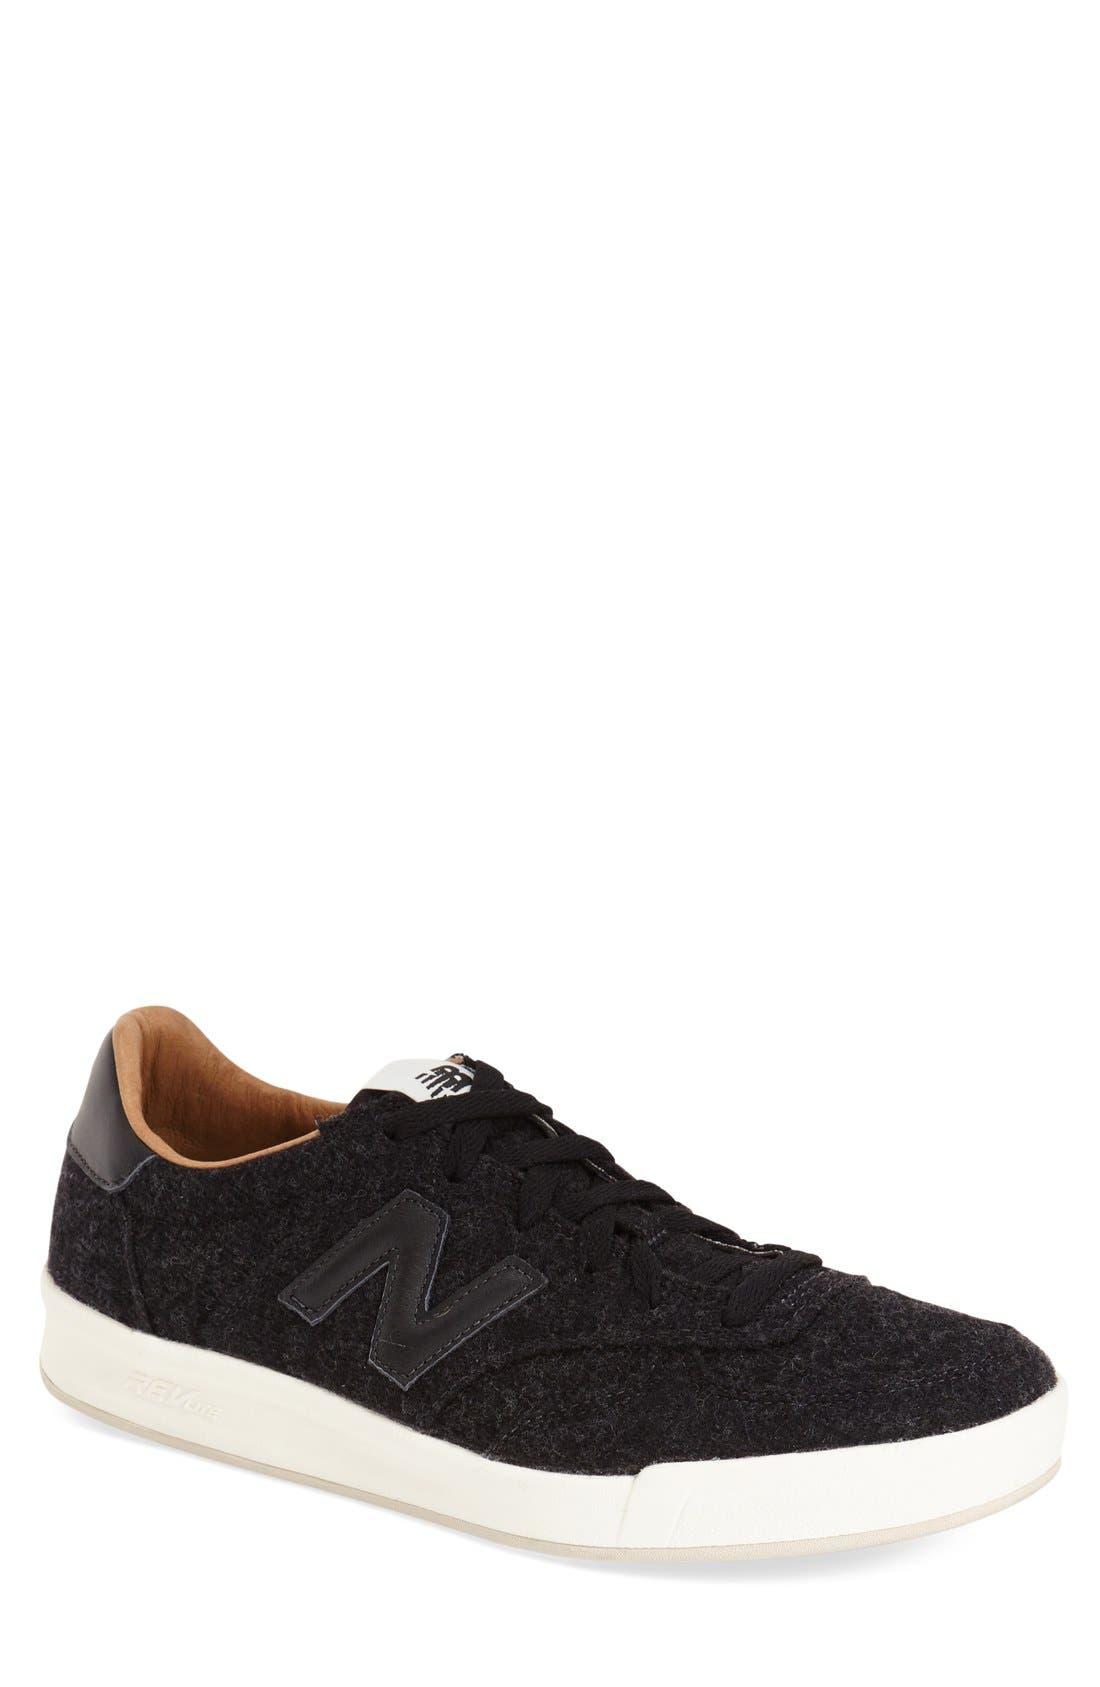 '300' Sneaker, Main, color, 001